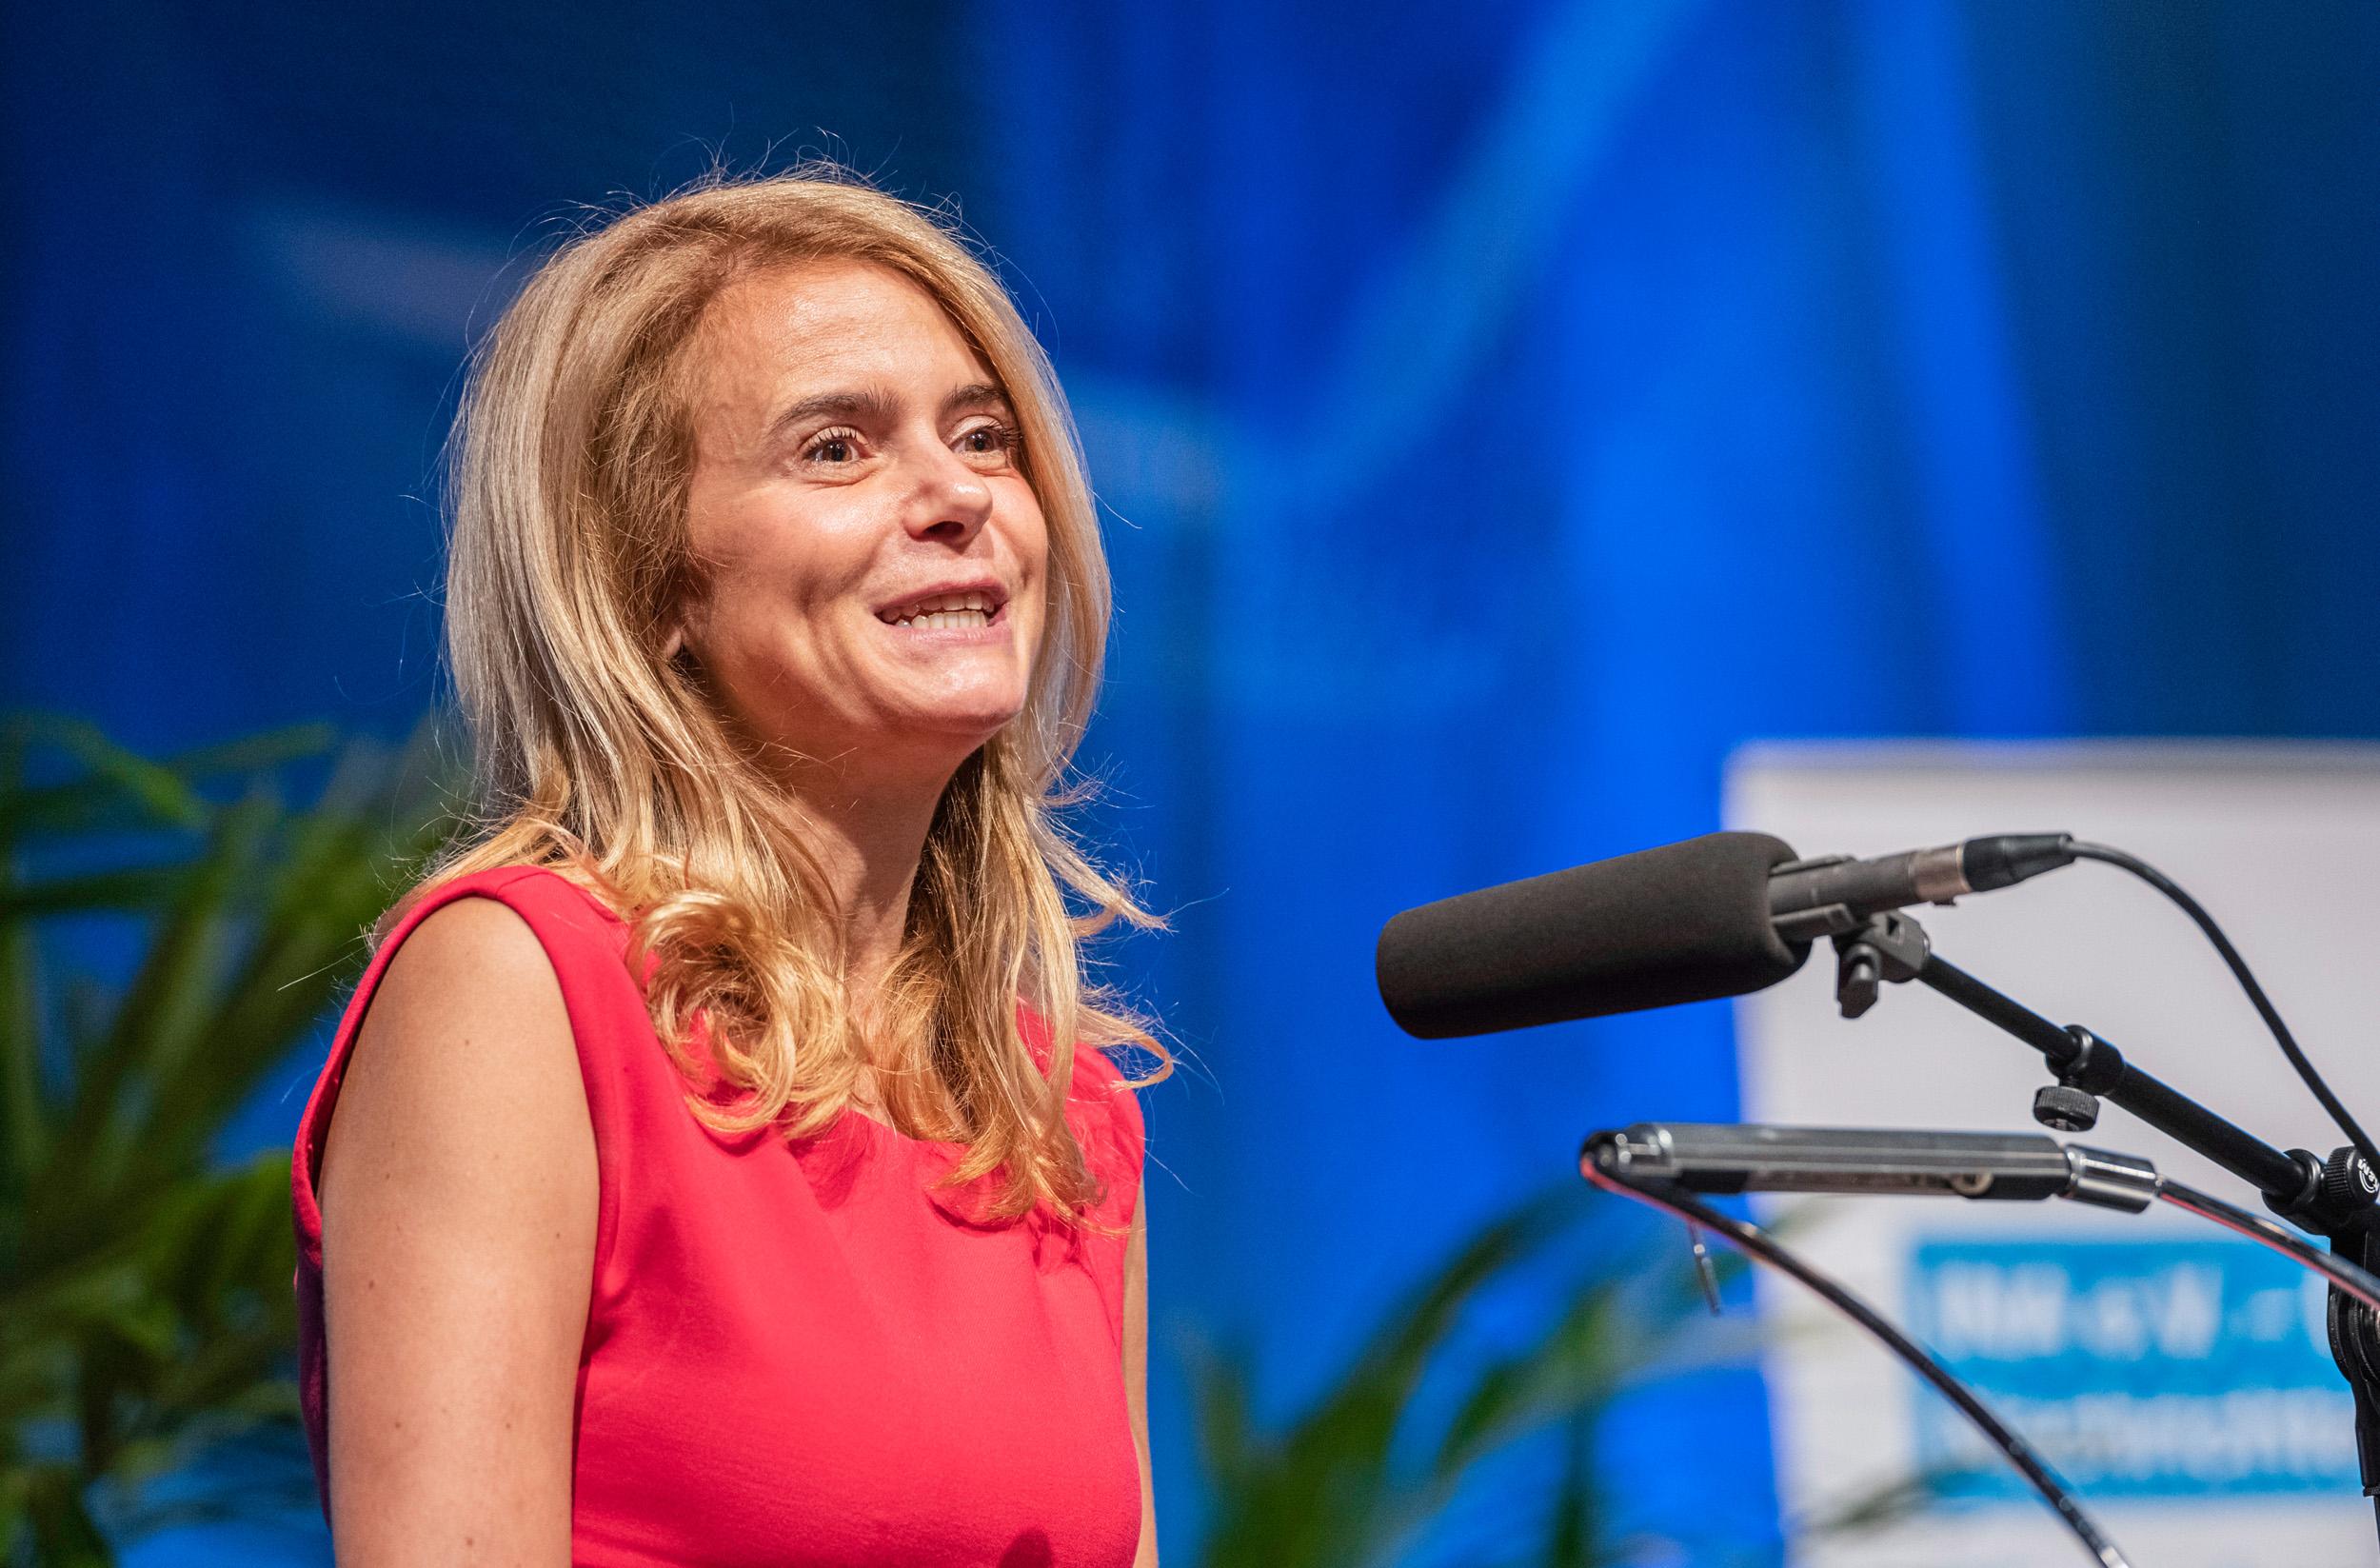 Verleihung des Günther Wallraff Preises für Journalismuskritik 2019